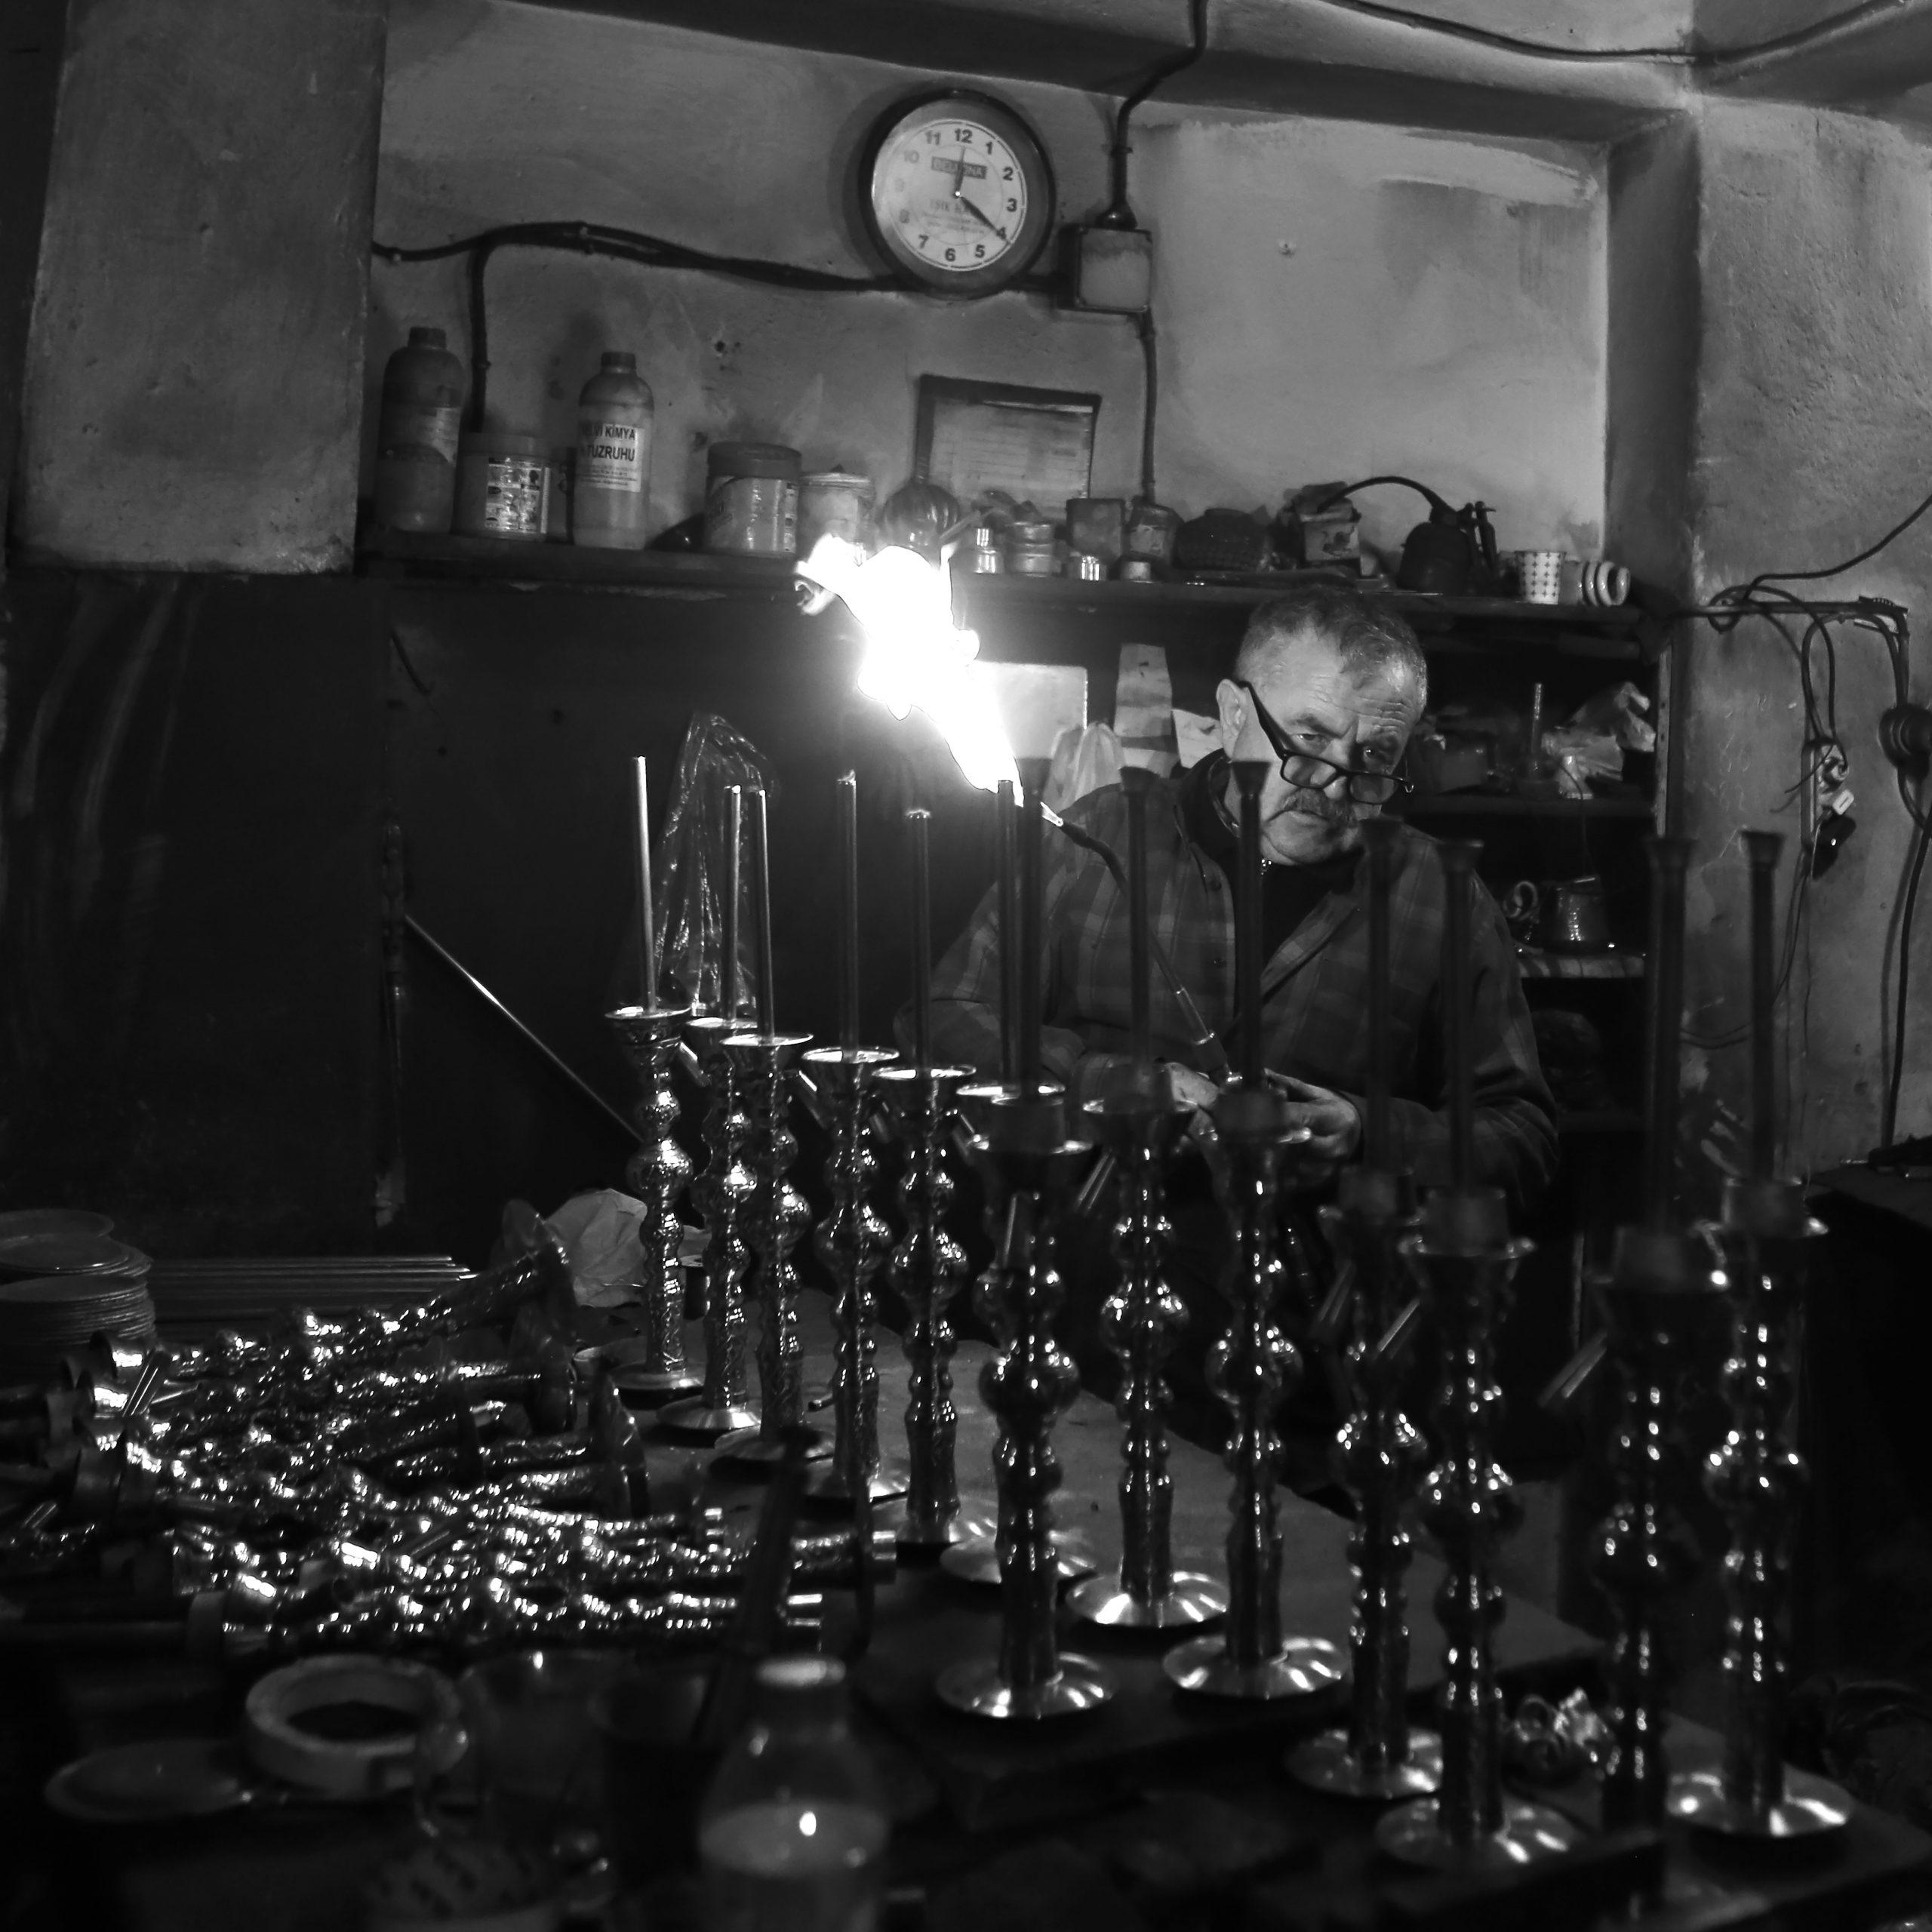 Candlestick producing man